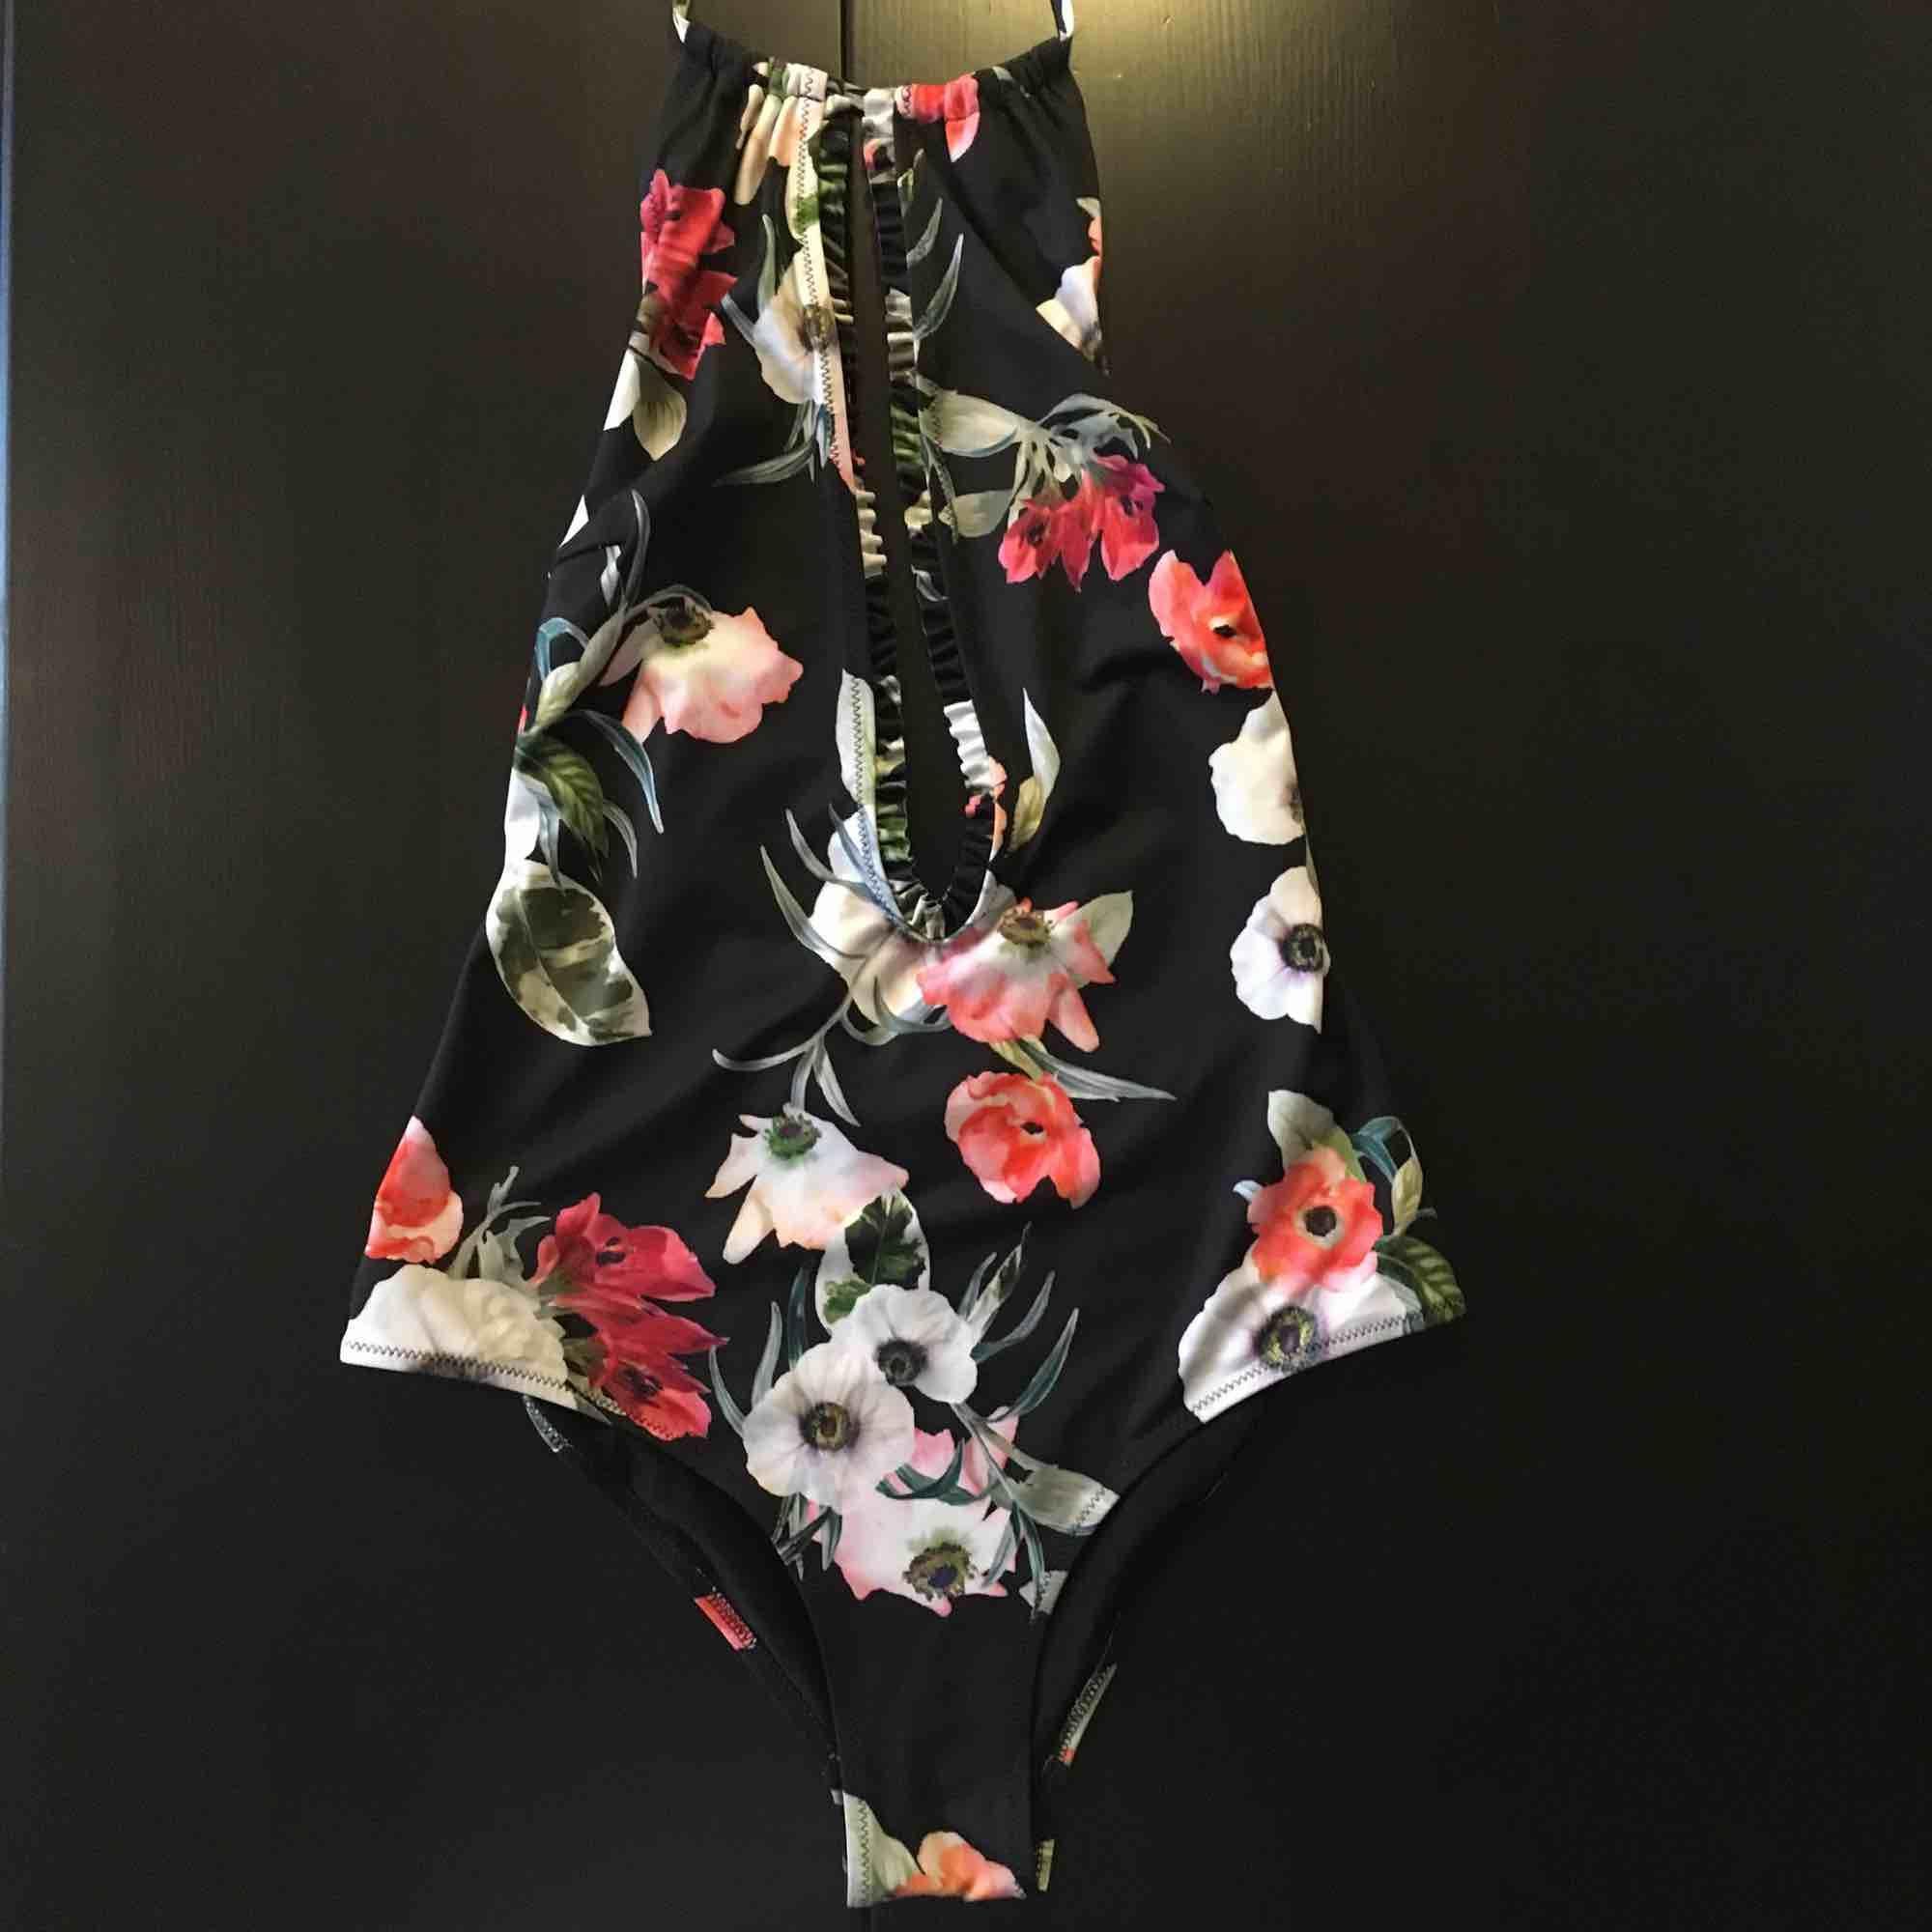 Halterneck-baddräkt från HM. Svart botten, blommigt mönster. Lite volanger/ruffles. Låg rygg. Supersexig! . Övrigt.